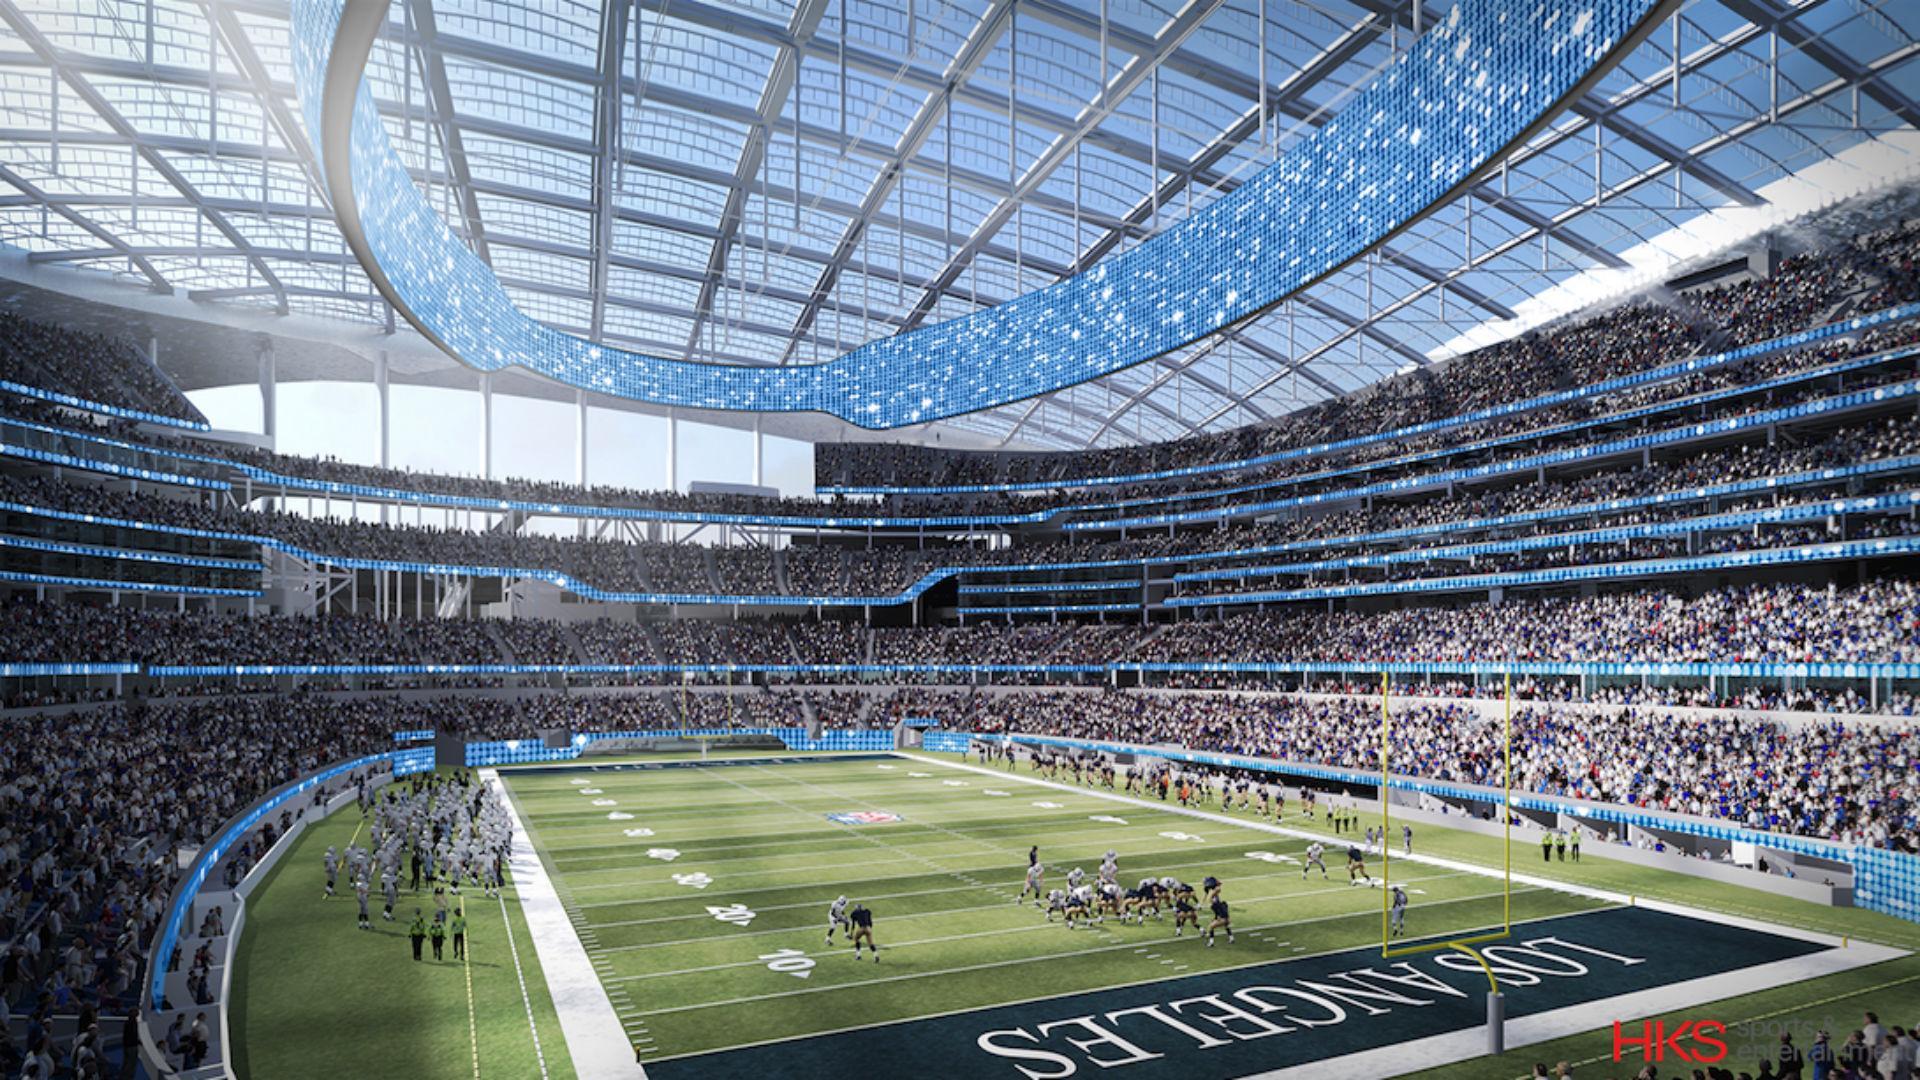 Los-Angeles-stadium-111816-HKS-FTR.jpg